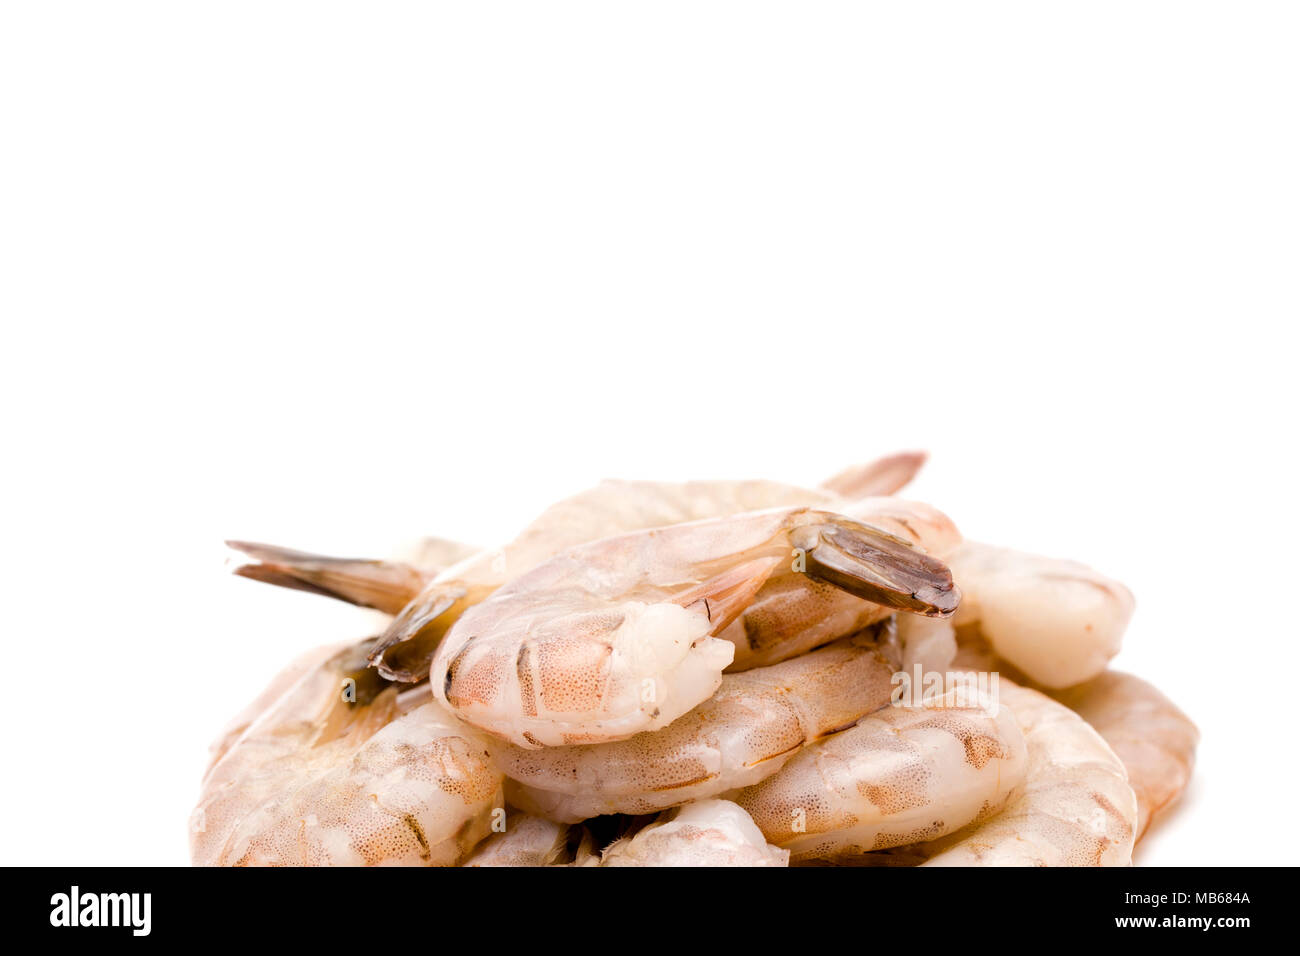 Raw Jumbo Shrimp On A White Background Stock Photo 179003002 Alamy